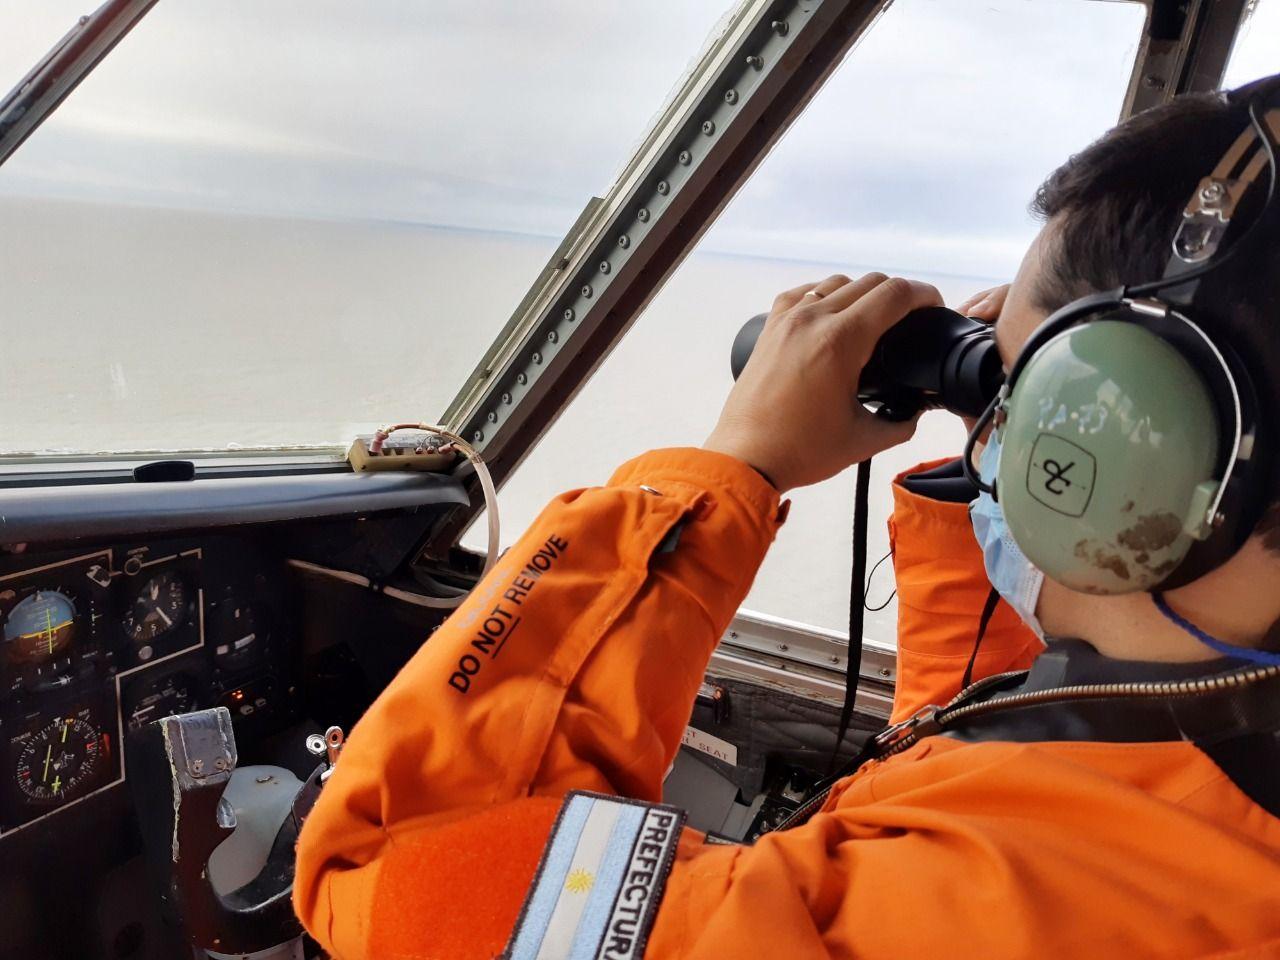 A la turista la buscan en el mar desde el sábado a la tarde